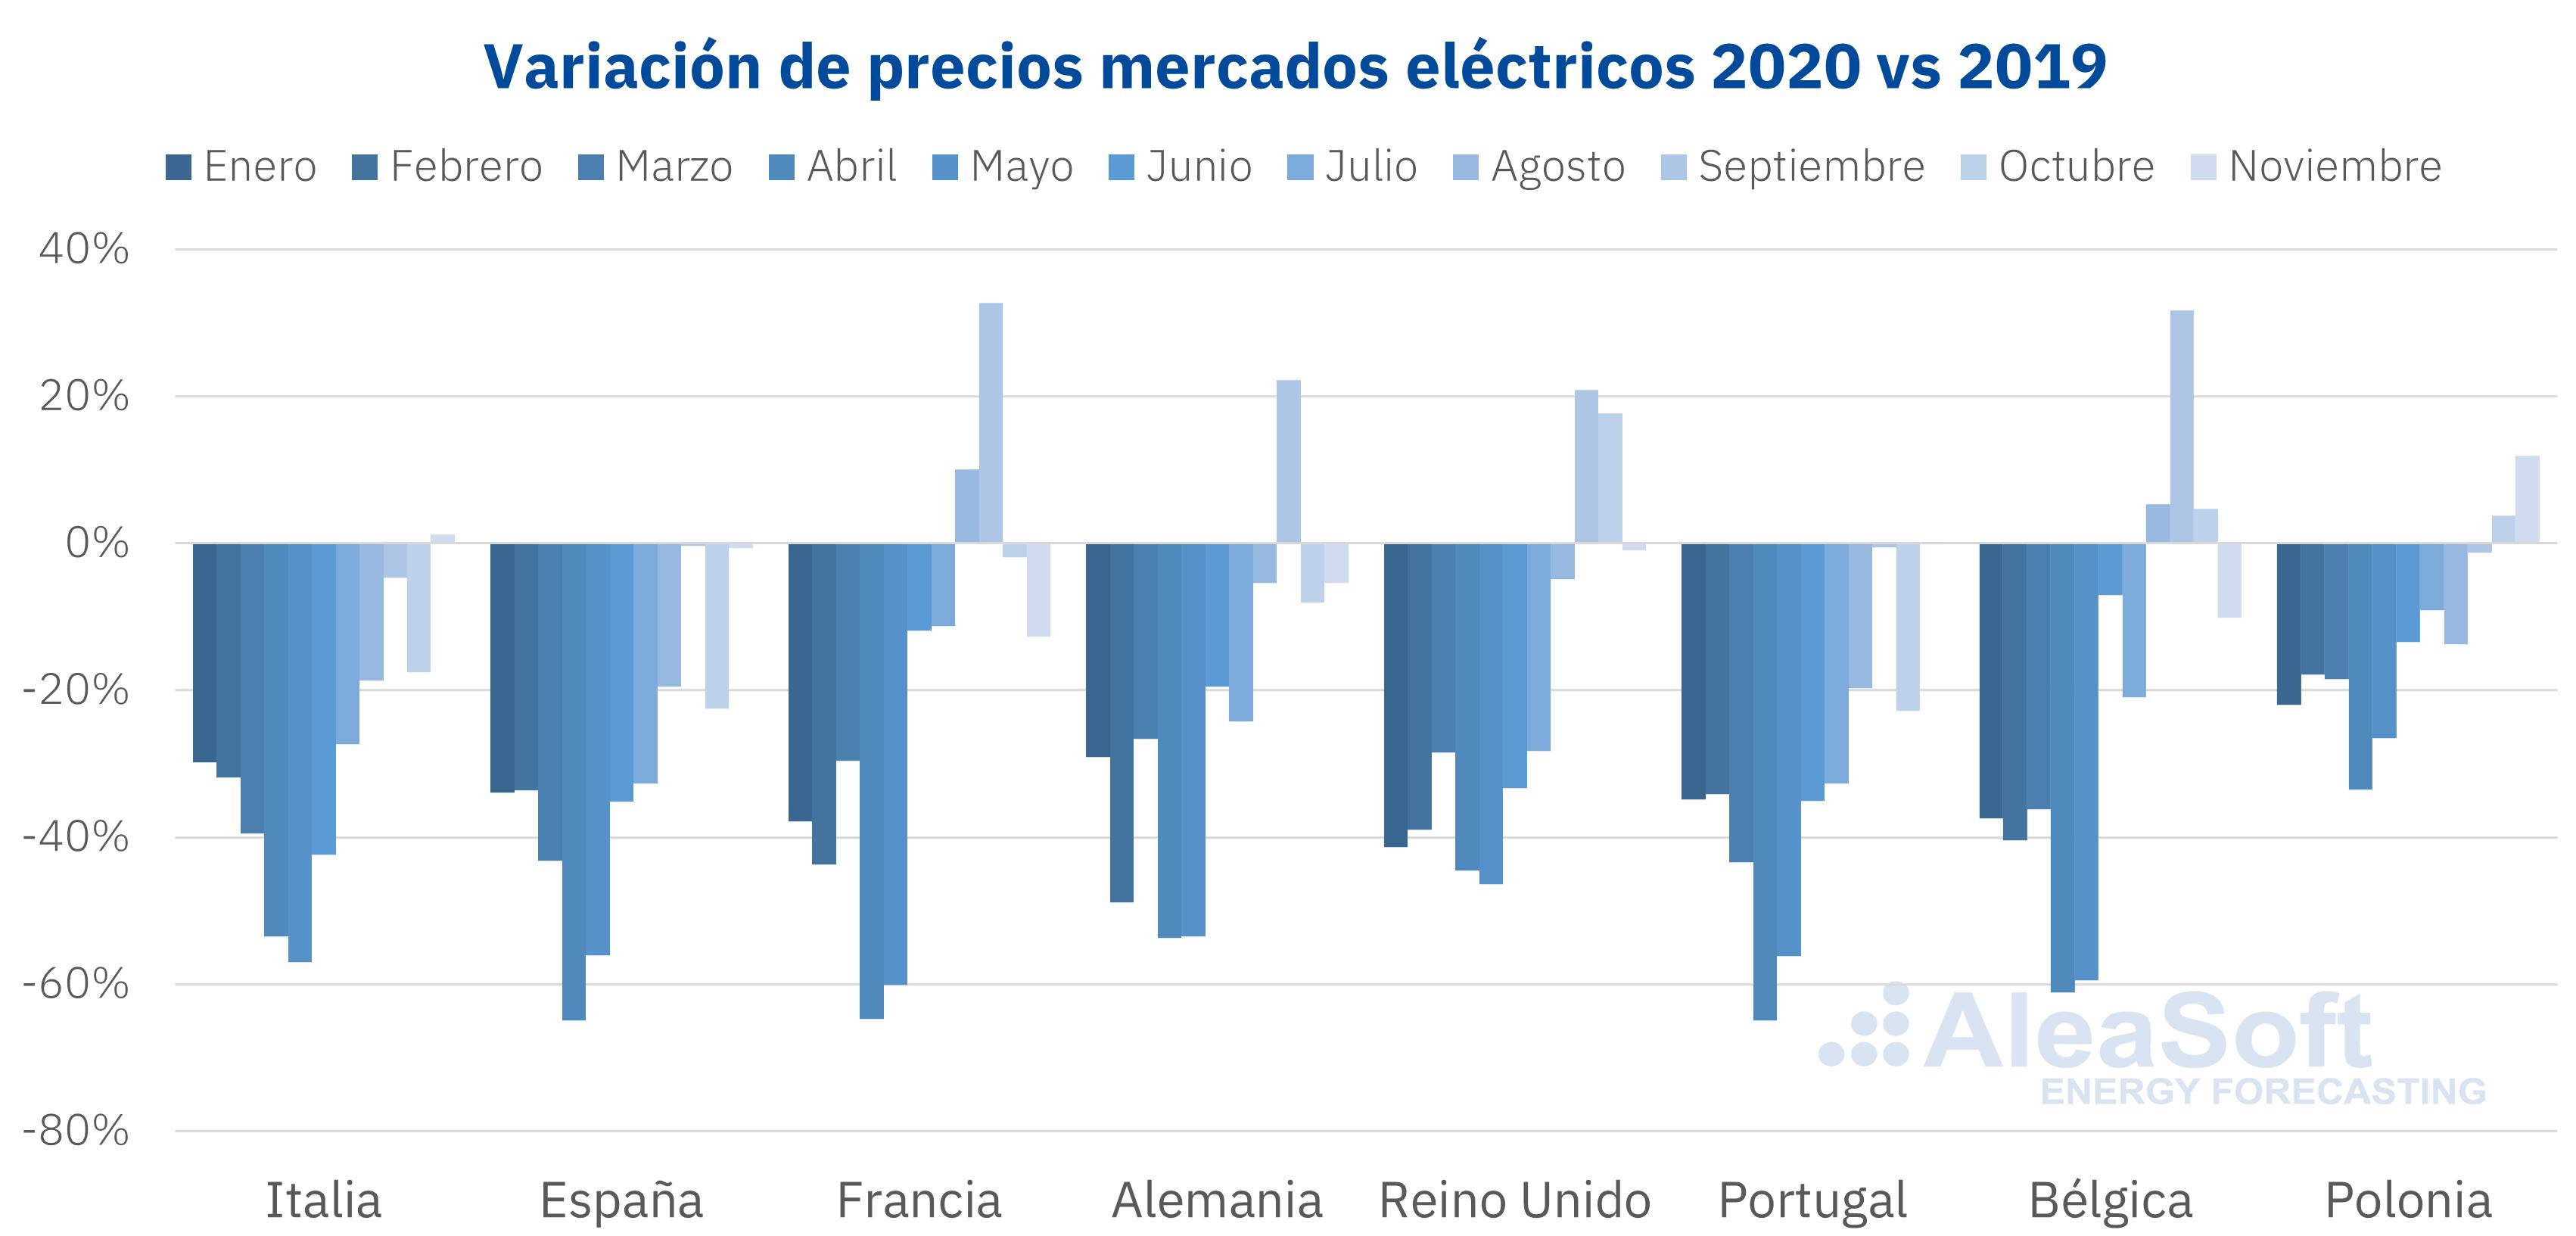 AleaSoft - Caida precios mercados electricos Europa coronavirus